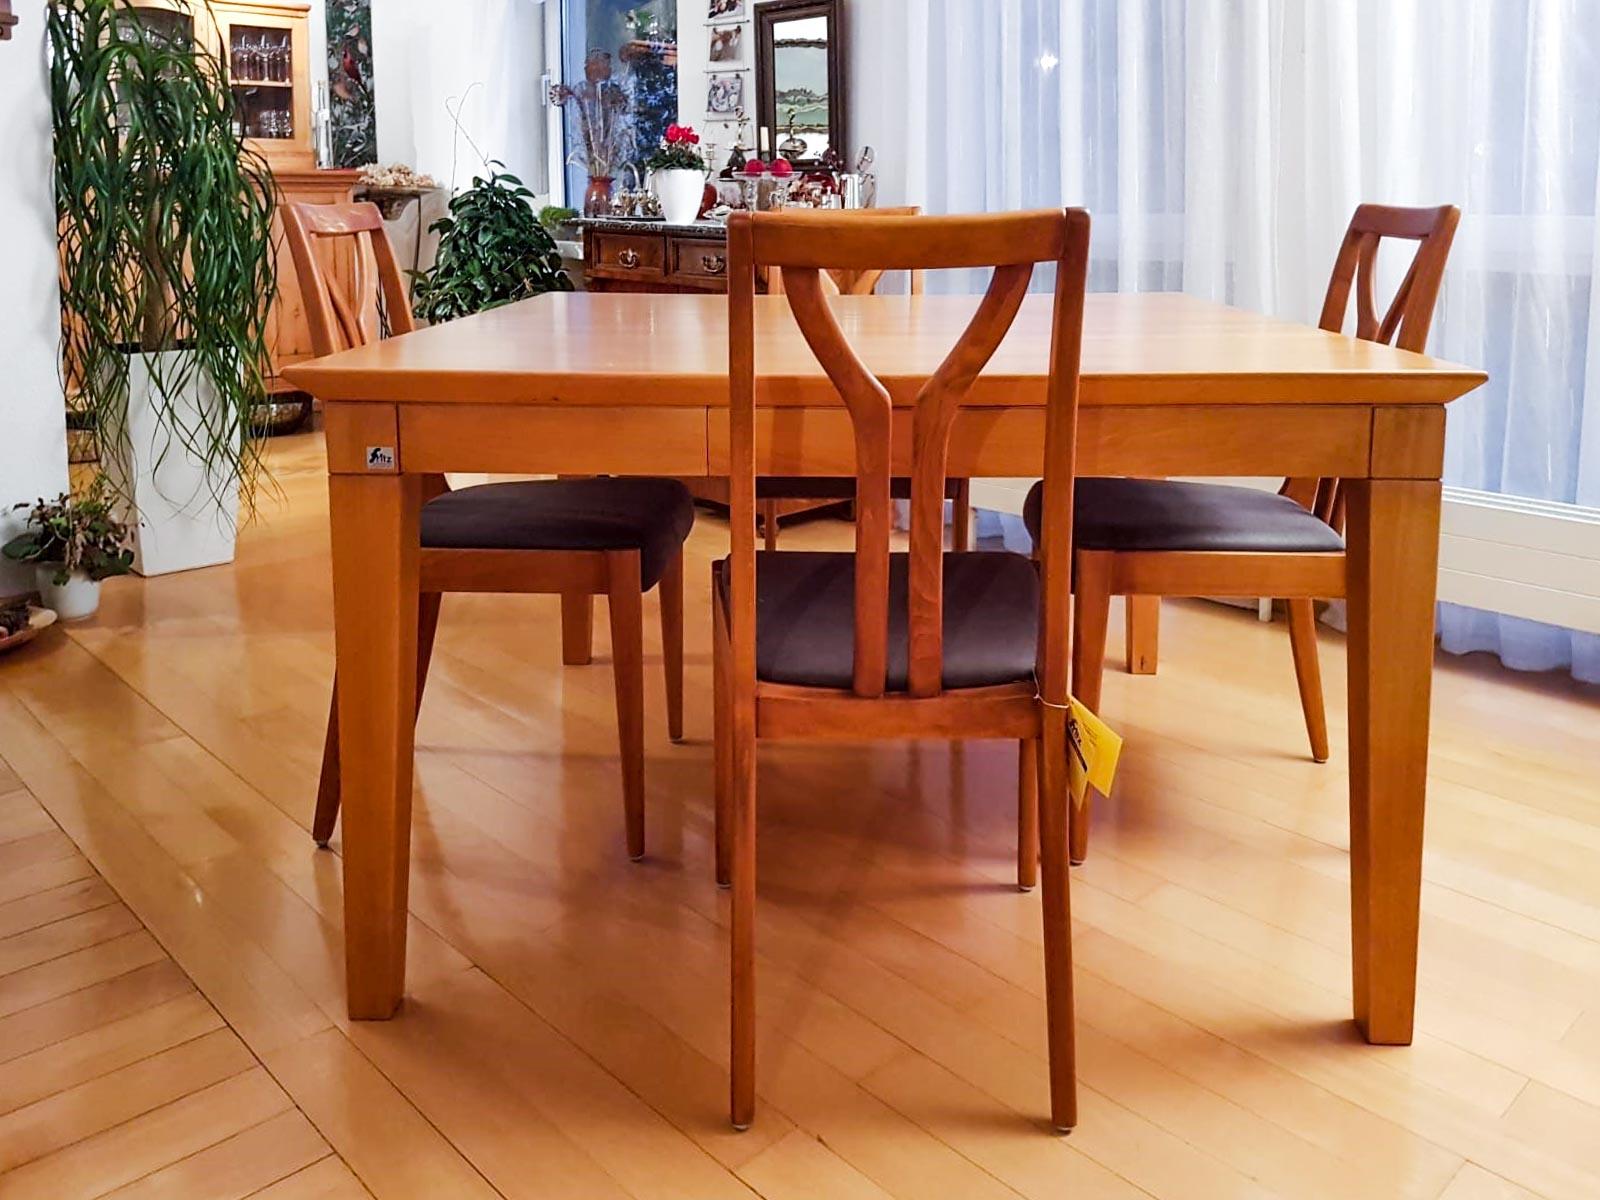 Tischgruppe in Kirschbaum gebeizt und lackiert